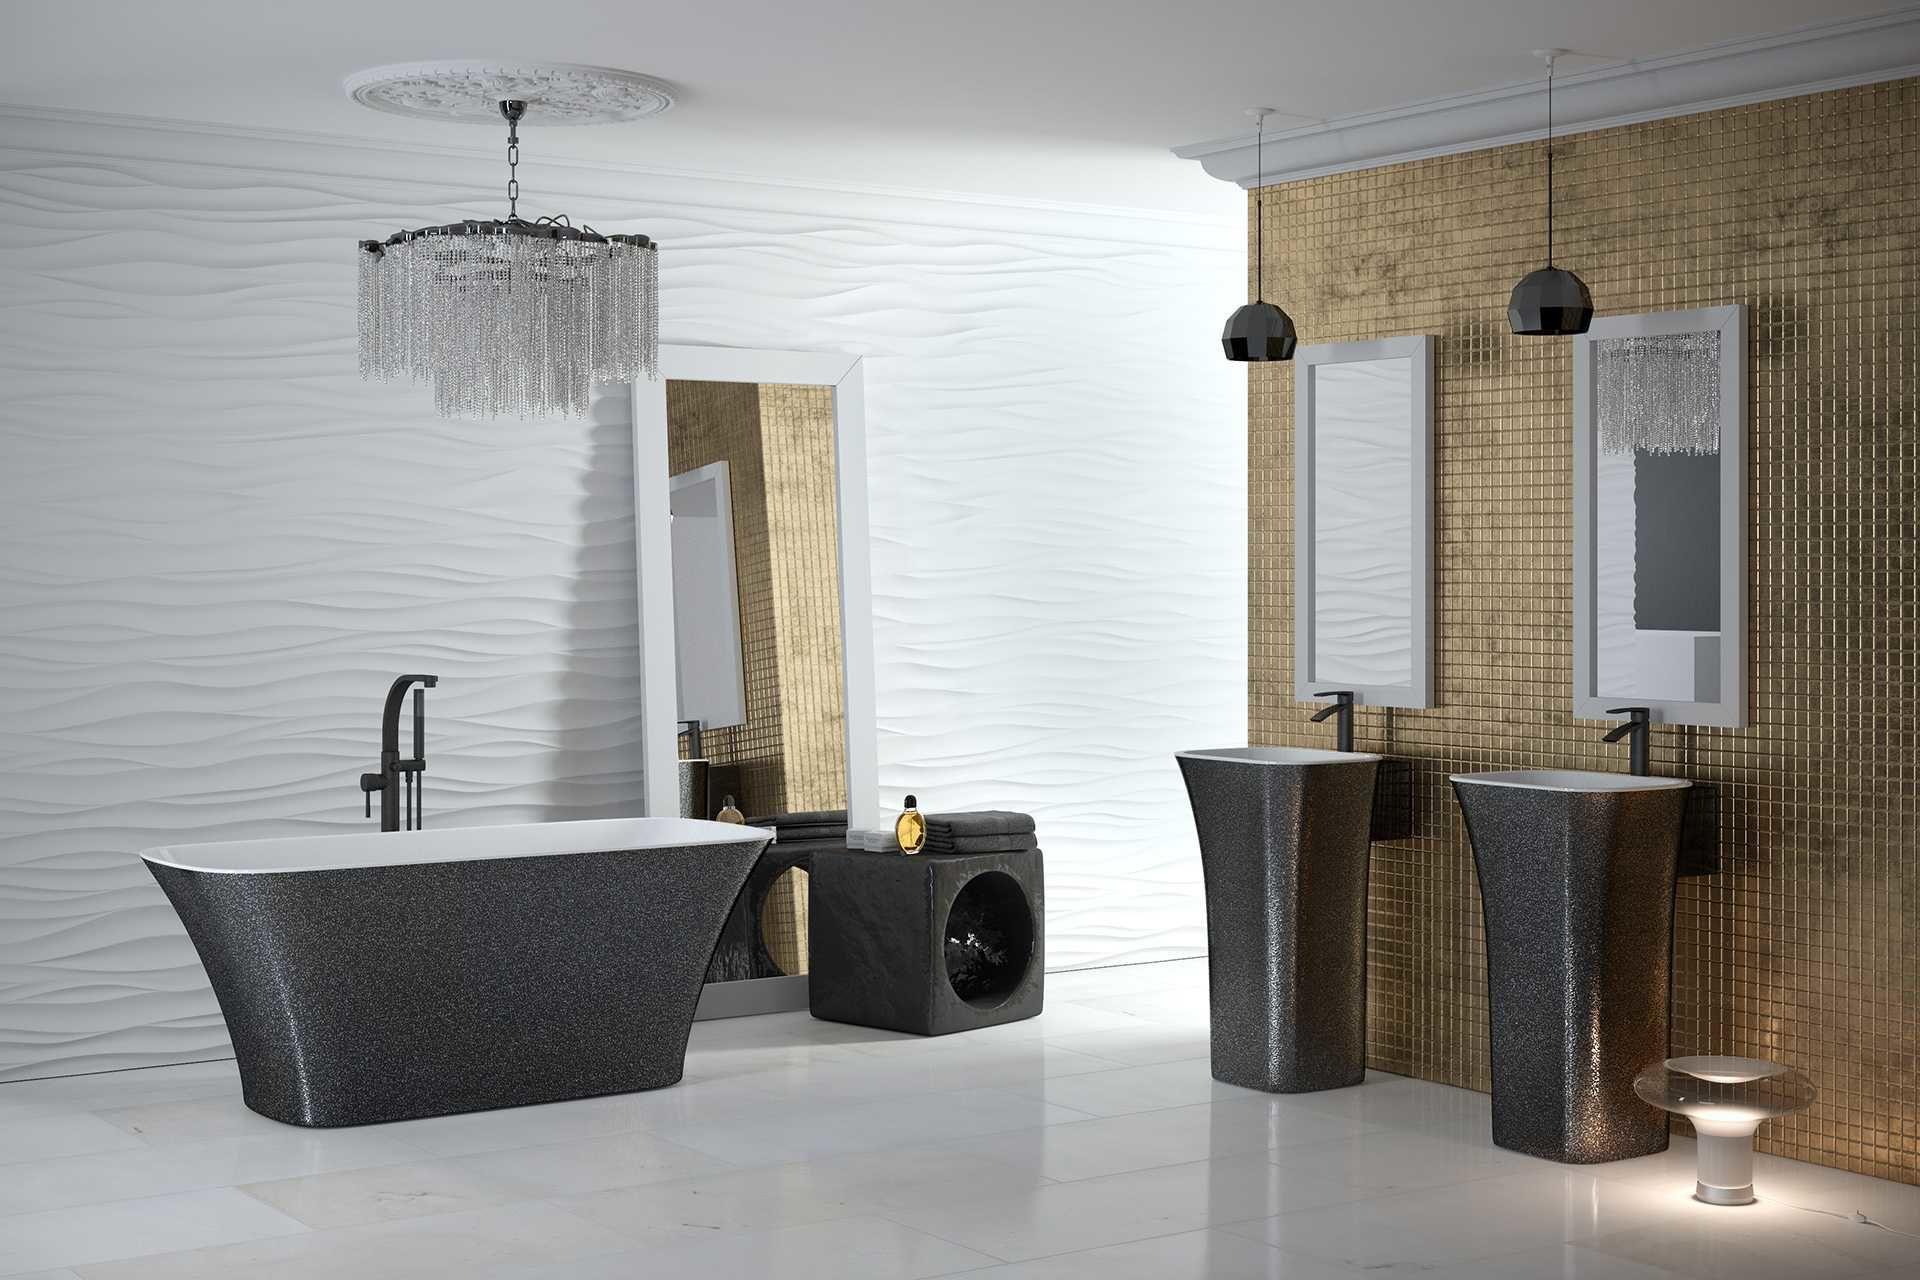 Besco umywalka wolnostojąca Assos Glam Srebrna 40x50x85 cm biało-srebrna